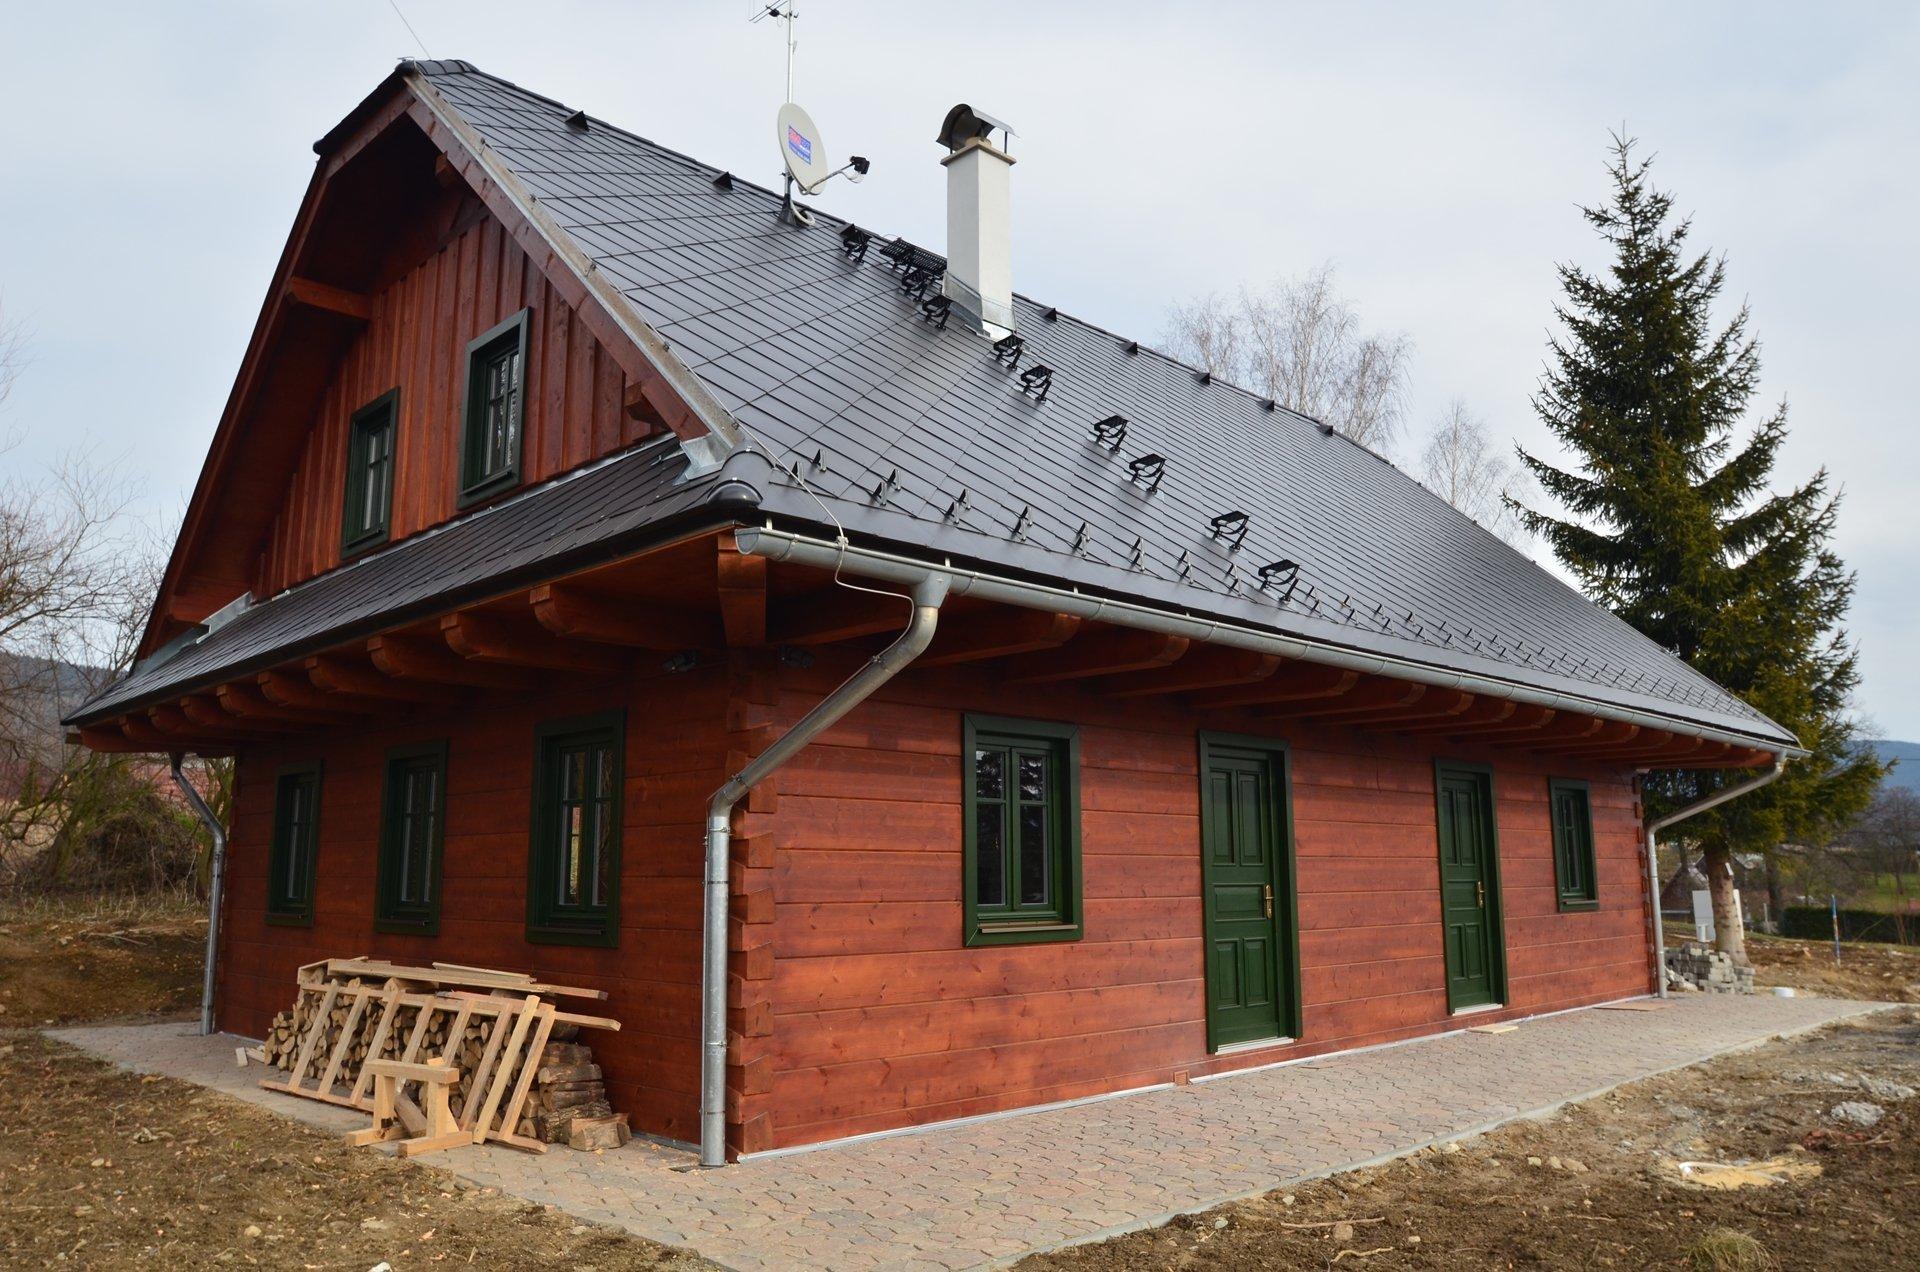 Na jihu Čech stojí tato nová roubenka postavená v klasickém stylu.